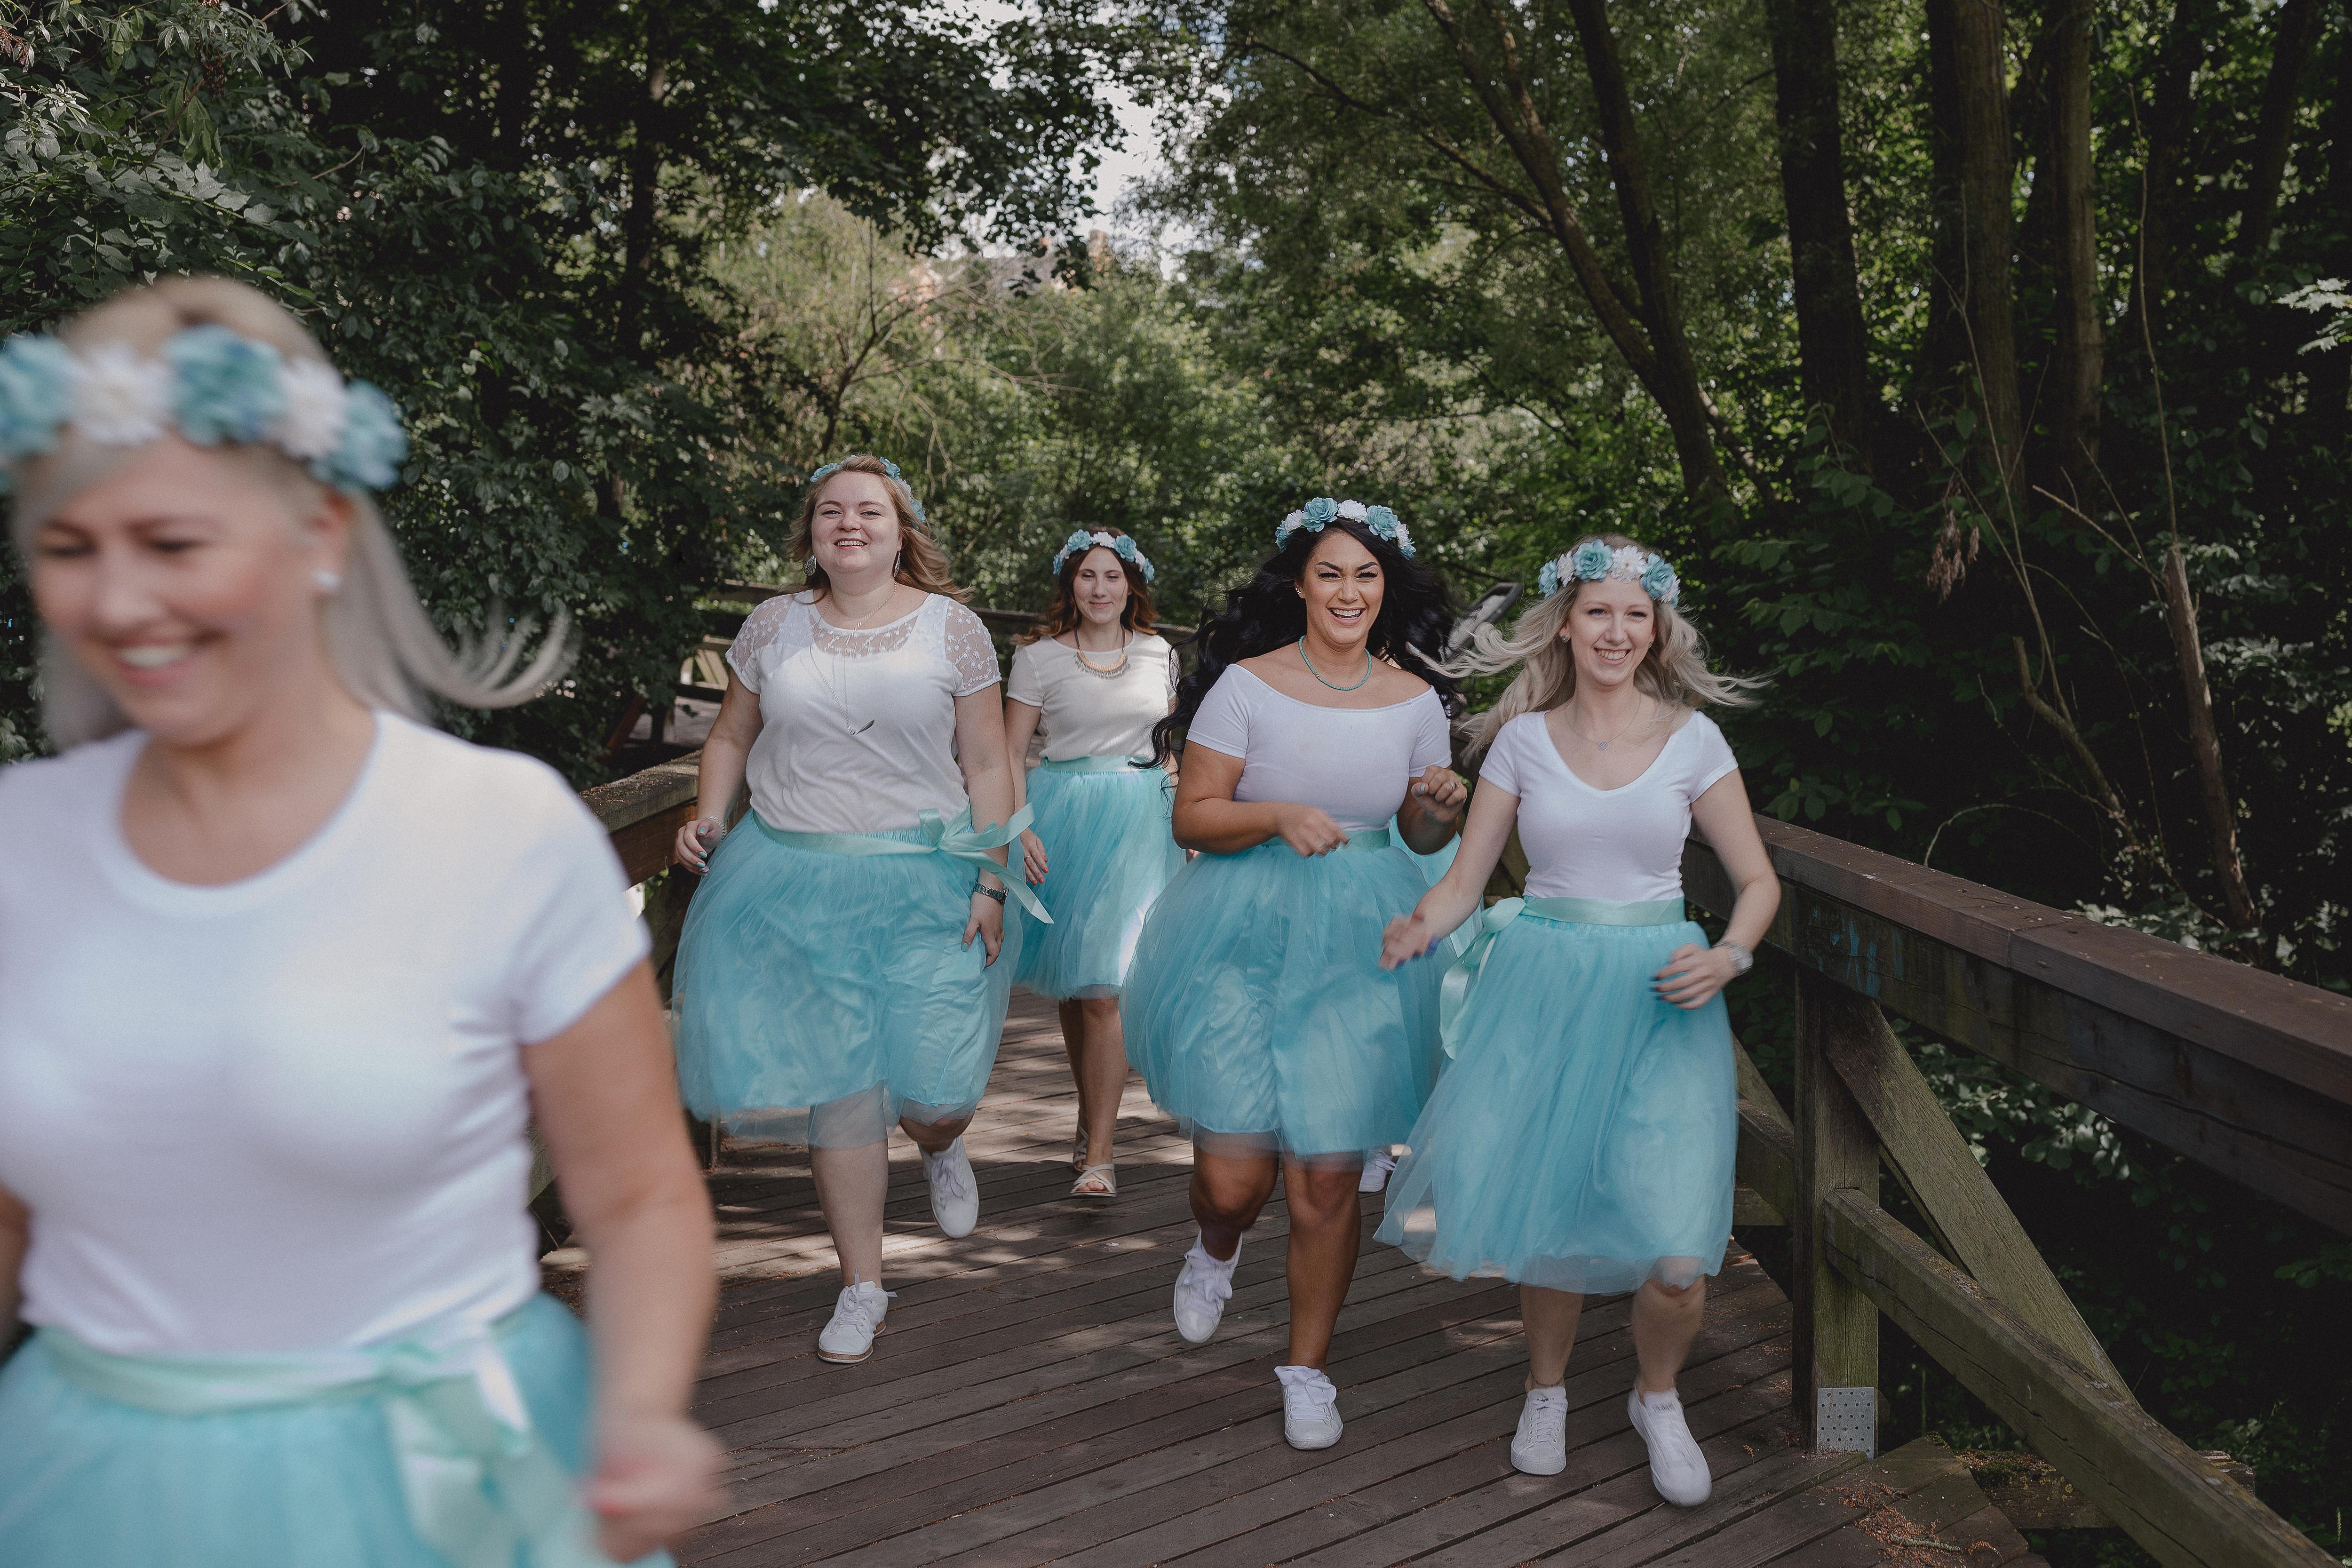 URBANERIE_Daniela_Goth_Hochzeitsfotografin_Nuernberg_Fuerth_Erlangen_180602_0175